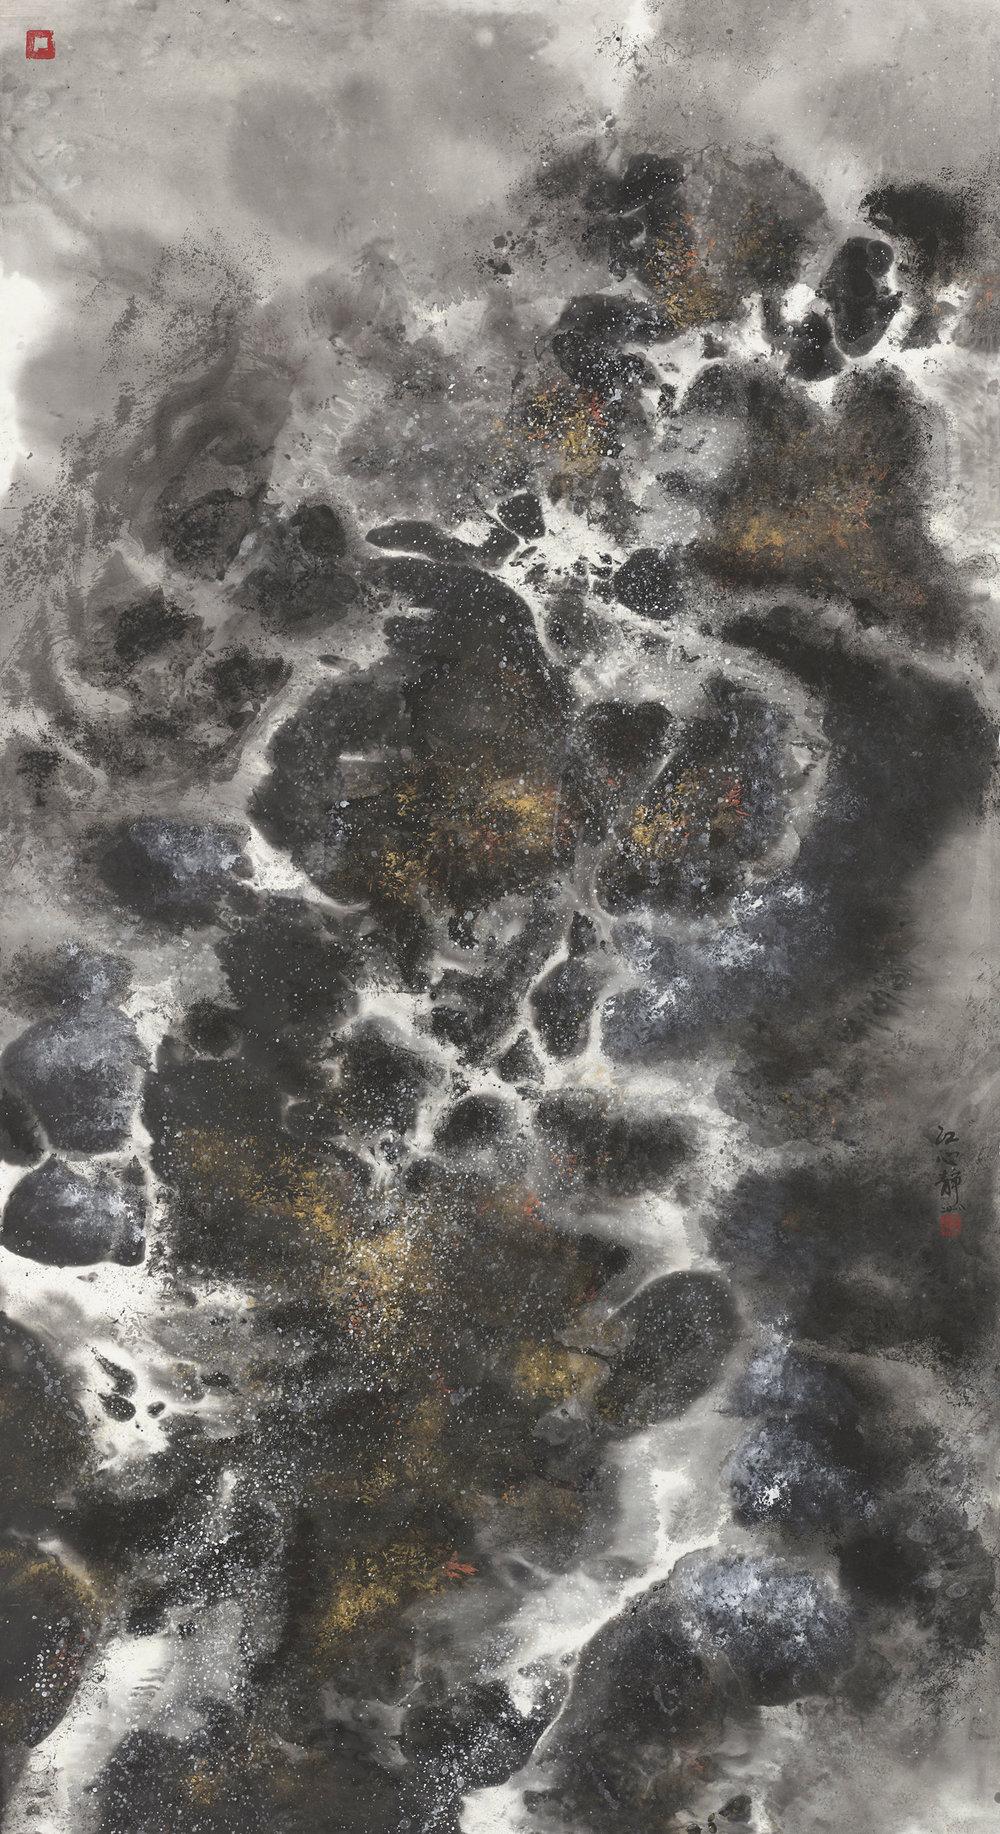 江心靜作品〈石上清泉〉入選2018年台灣國際書法水墨畫聯展,水墨留白是一個讓觀者可以穿透畫面呼吸的窗口,超脫現實達到天人合一的境界。